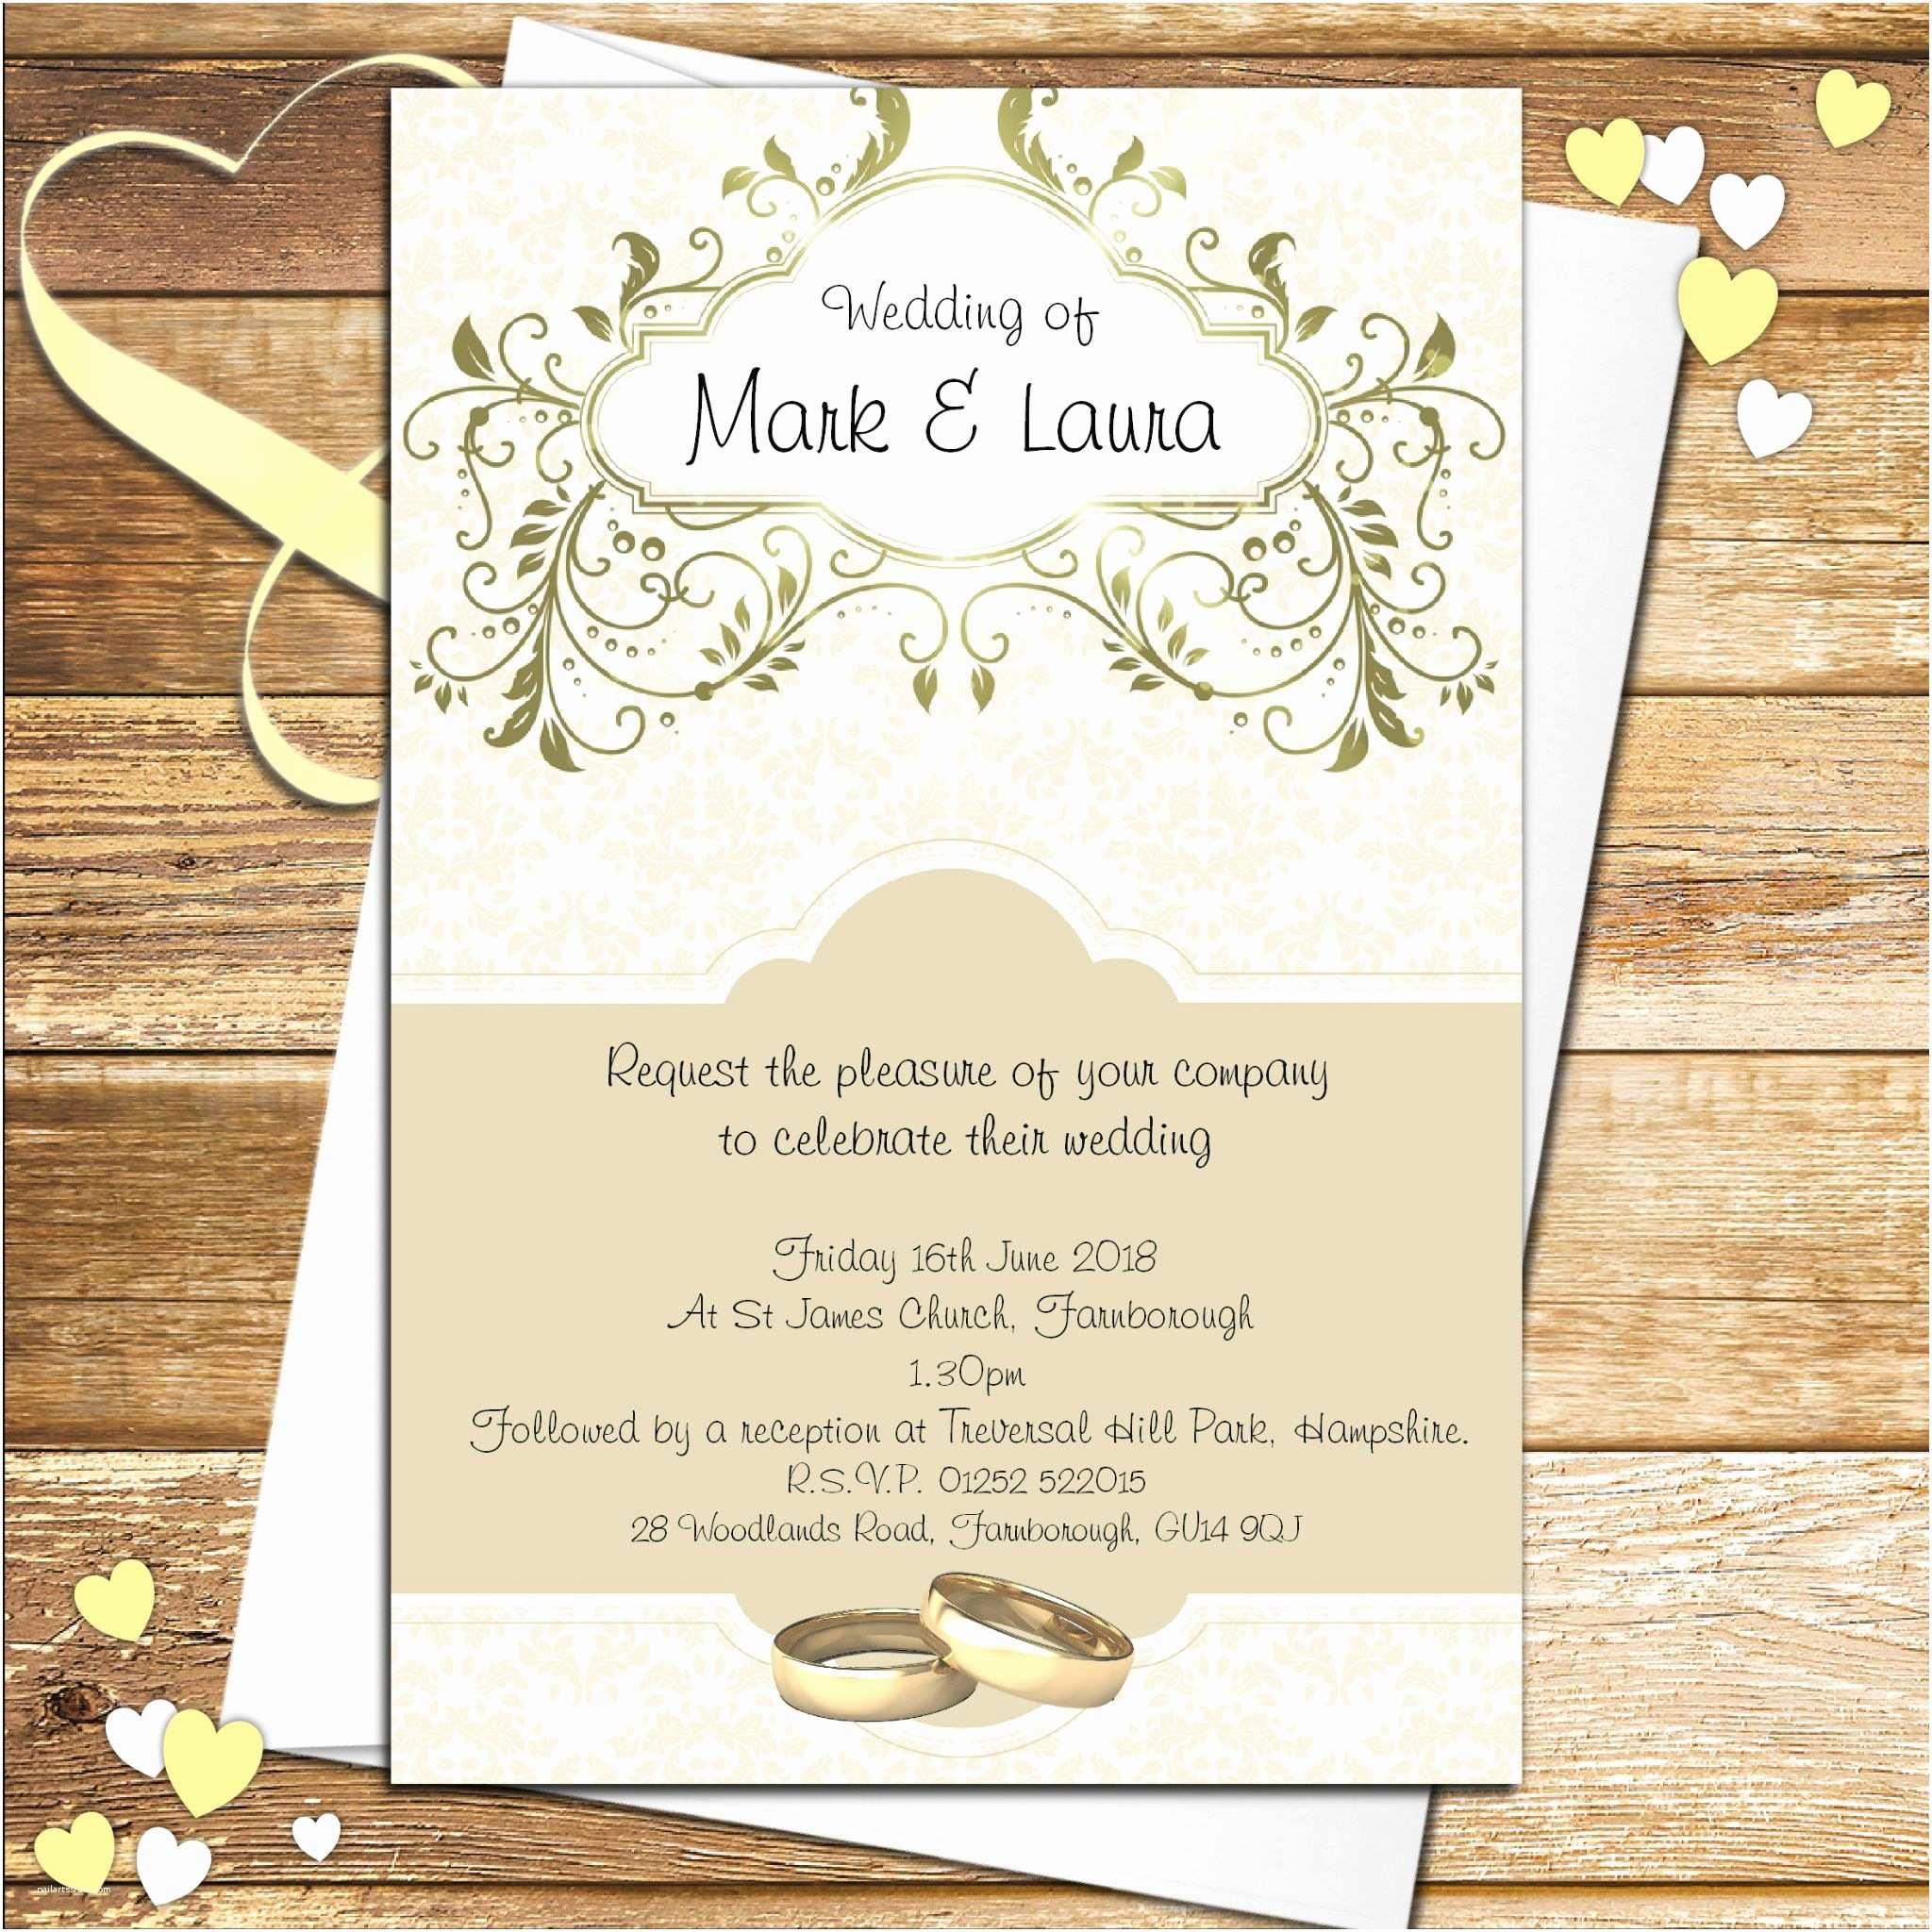 Personalised Wedding Invitations 10 Personalised Gold Wedding Invitations N56